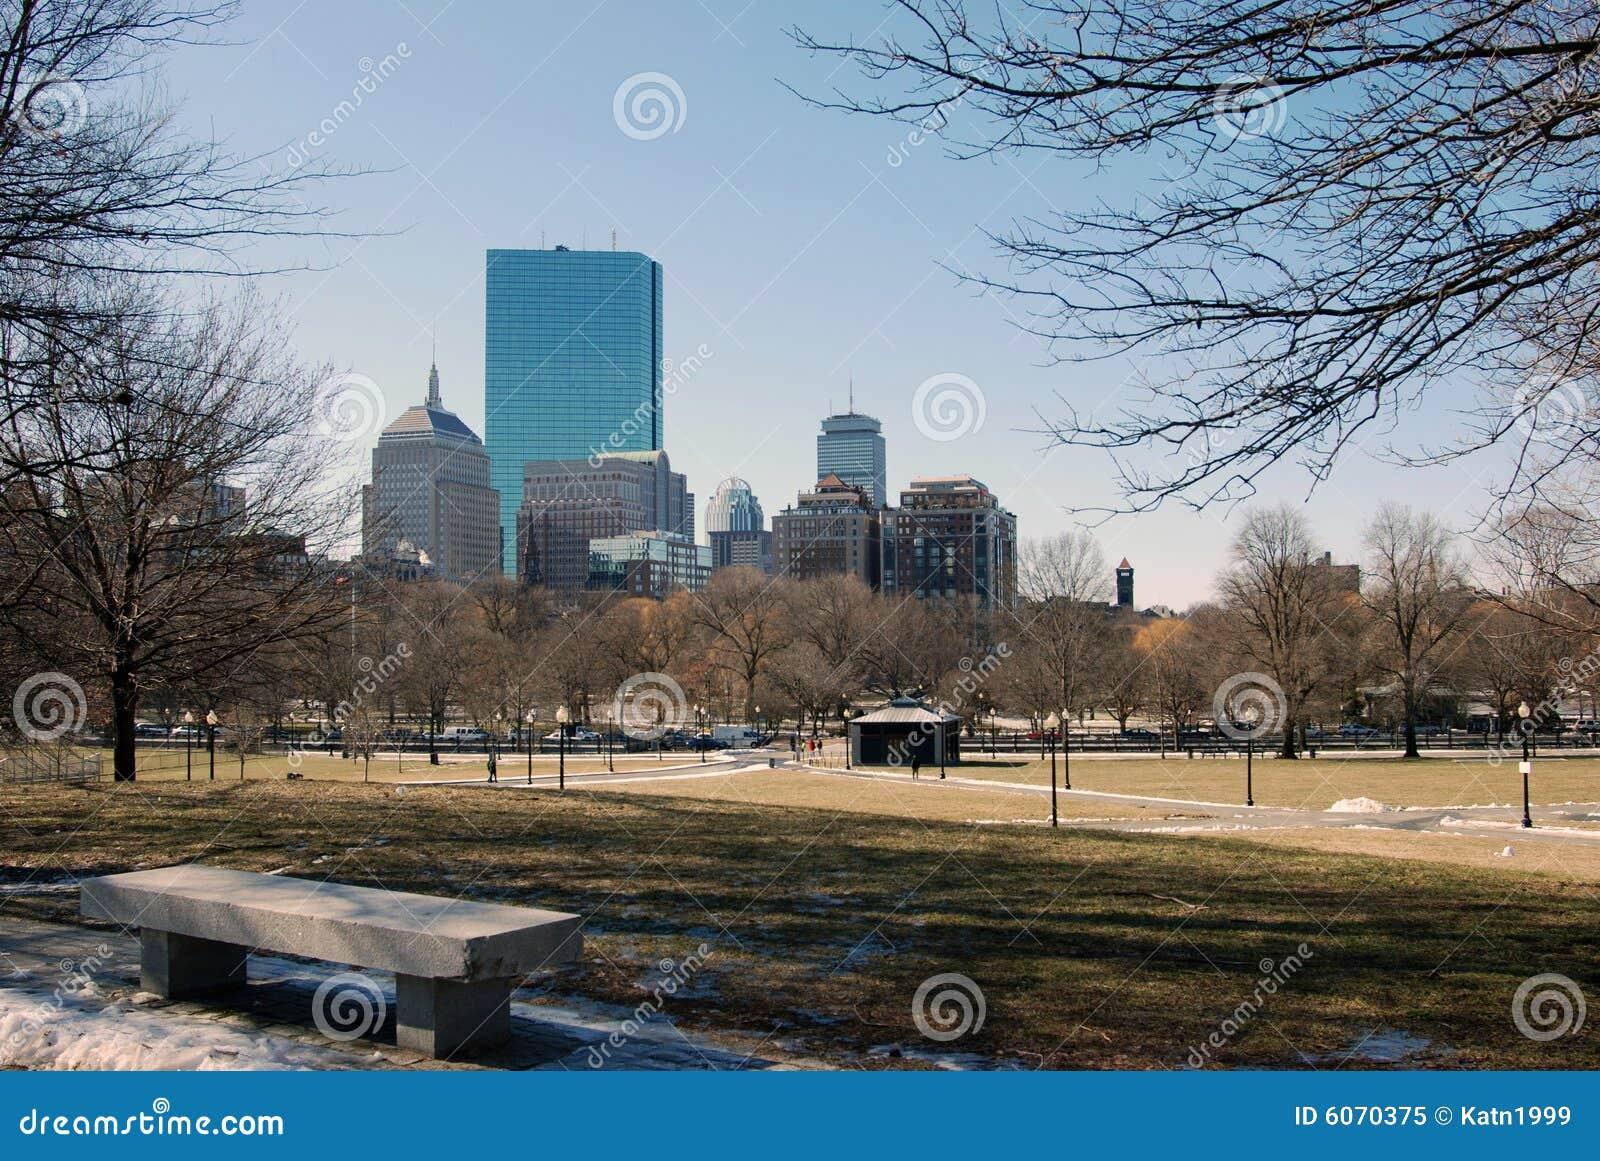 De gebouwen van Boston